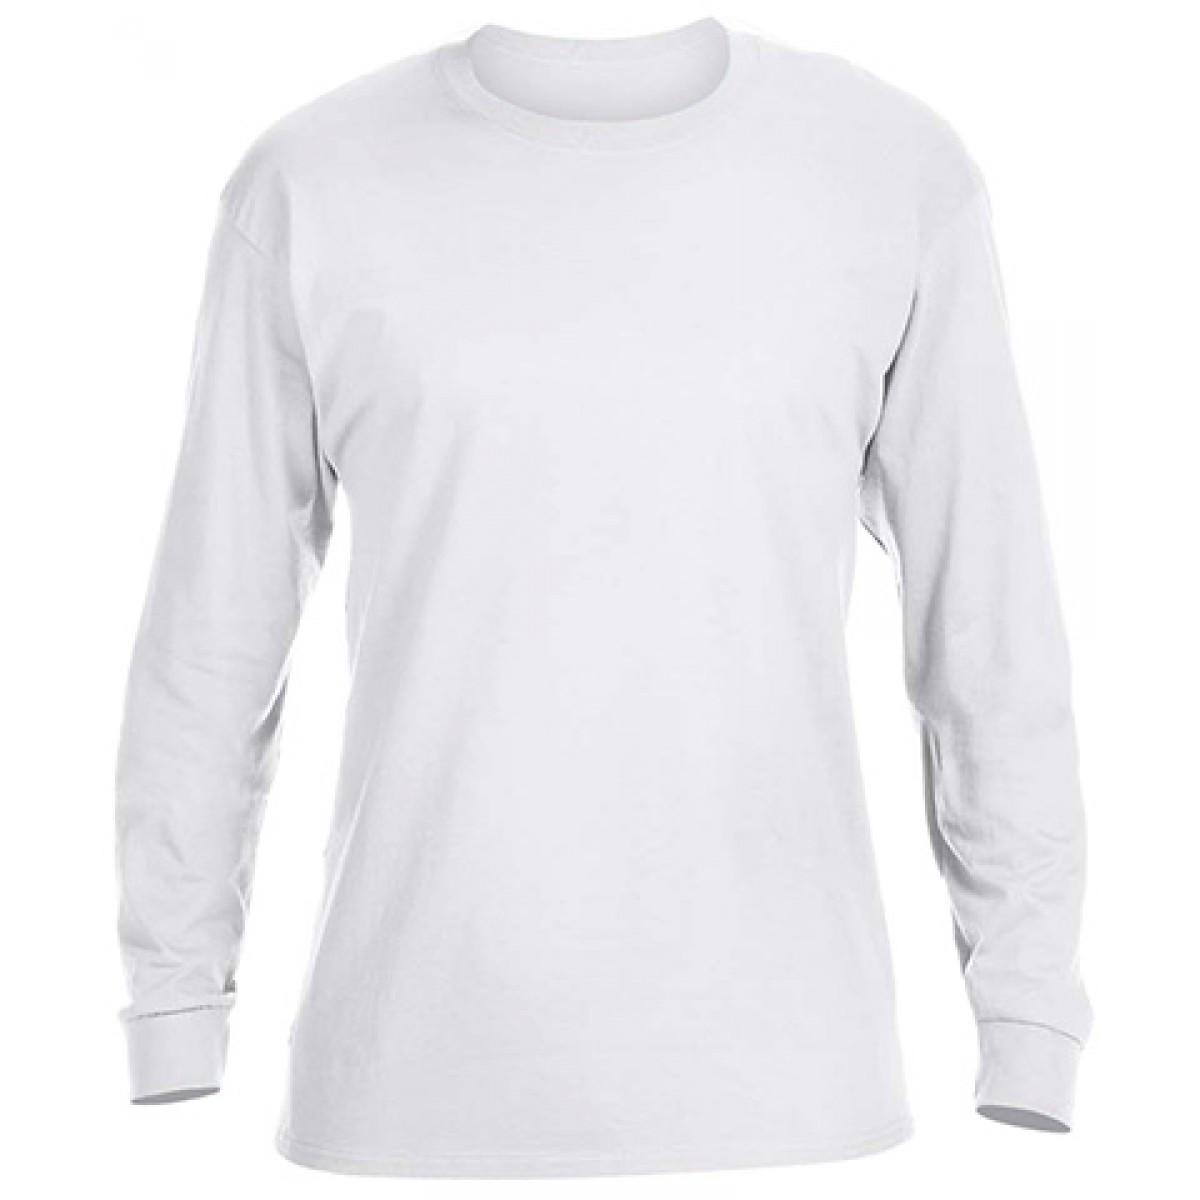 Basic Long Sleeve Crew Neck -White-3XL